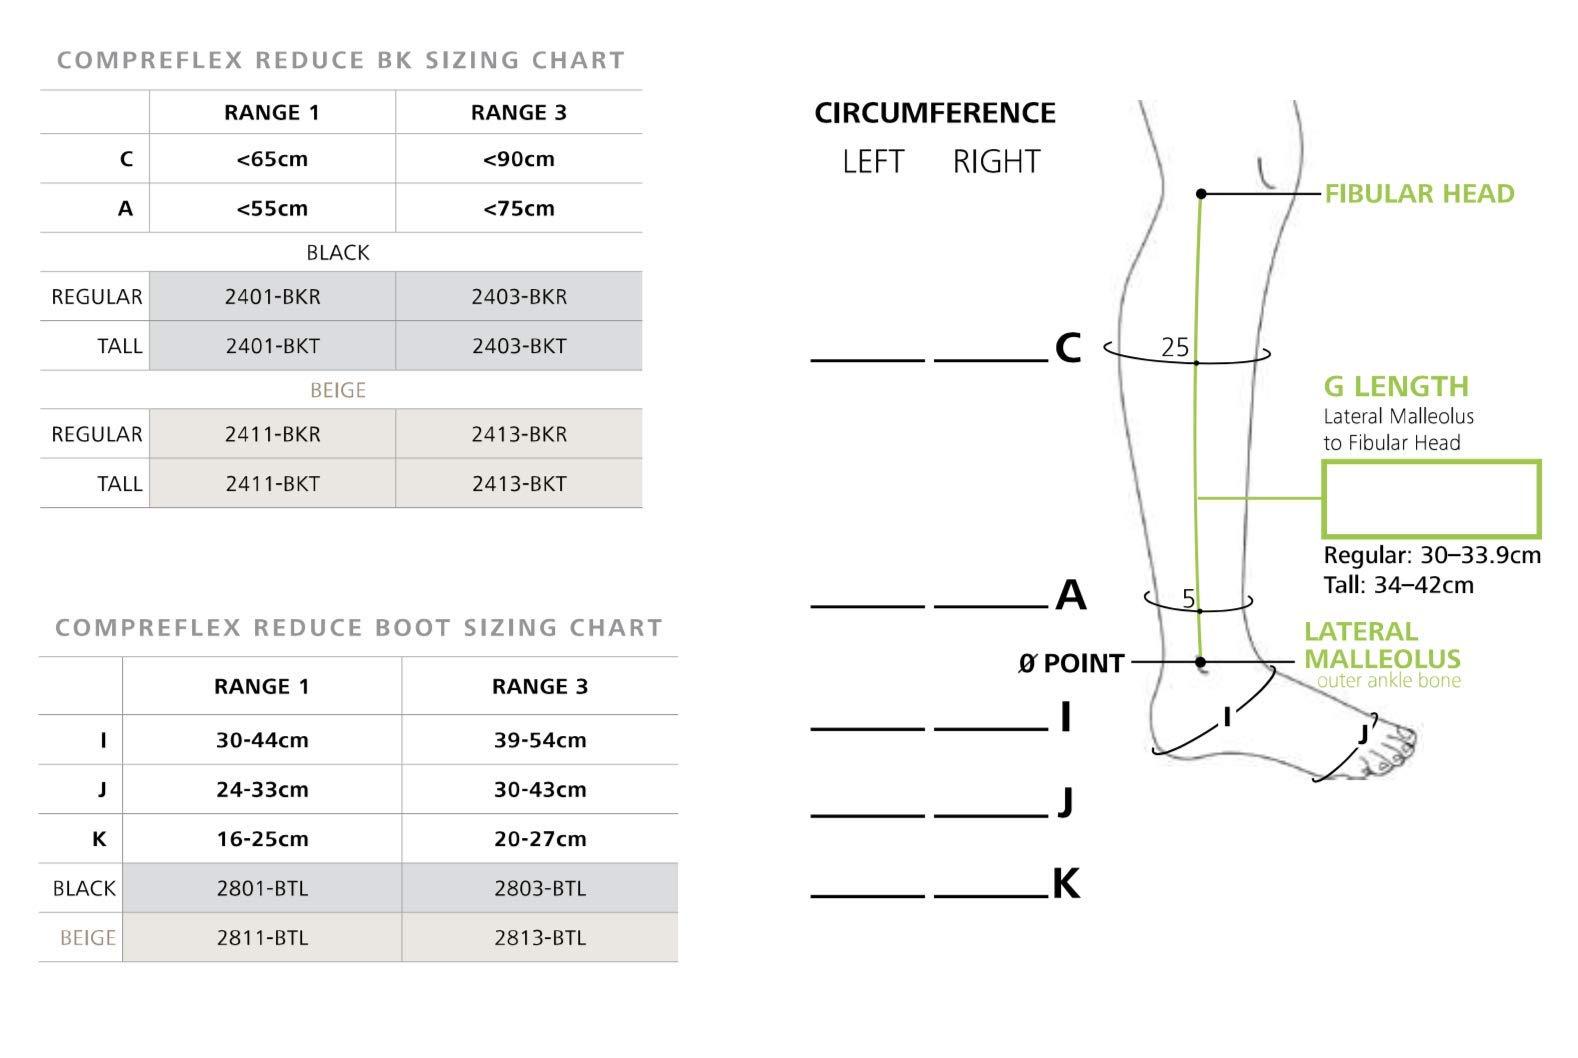 Sigvaris Compreflex Reduce Below Knee Tall Beige Range 3 Tall 2413-BKT